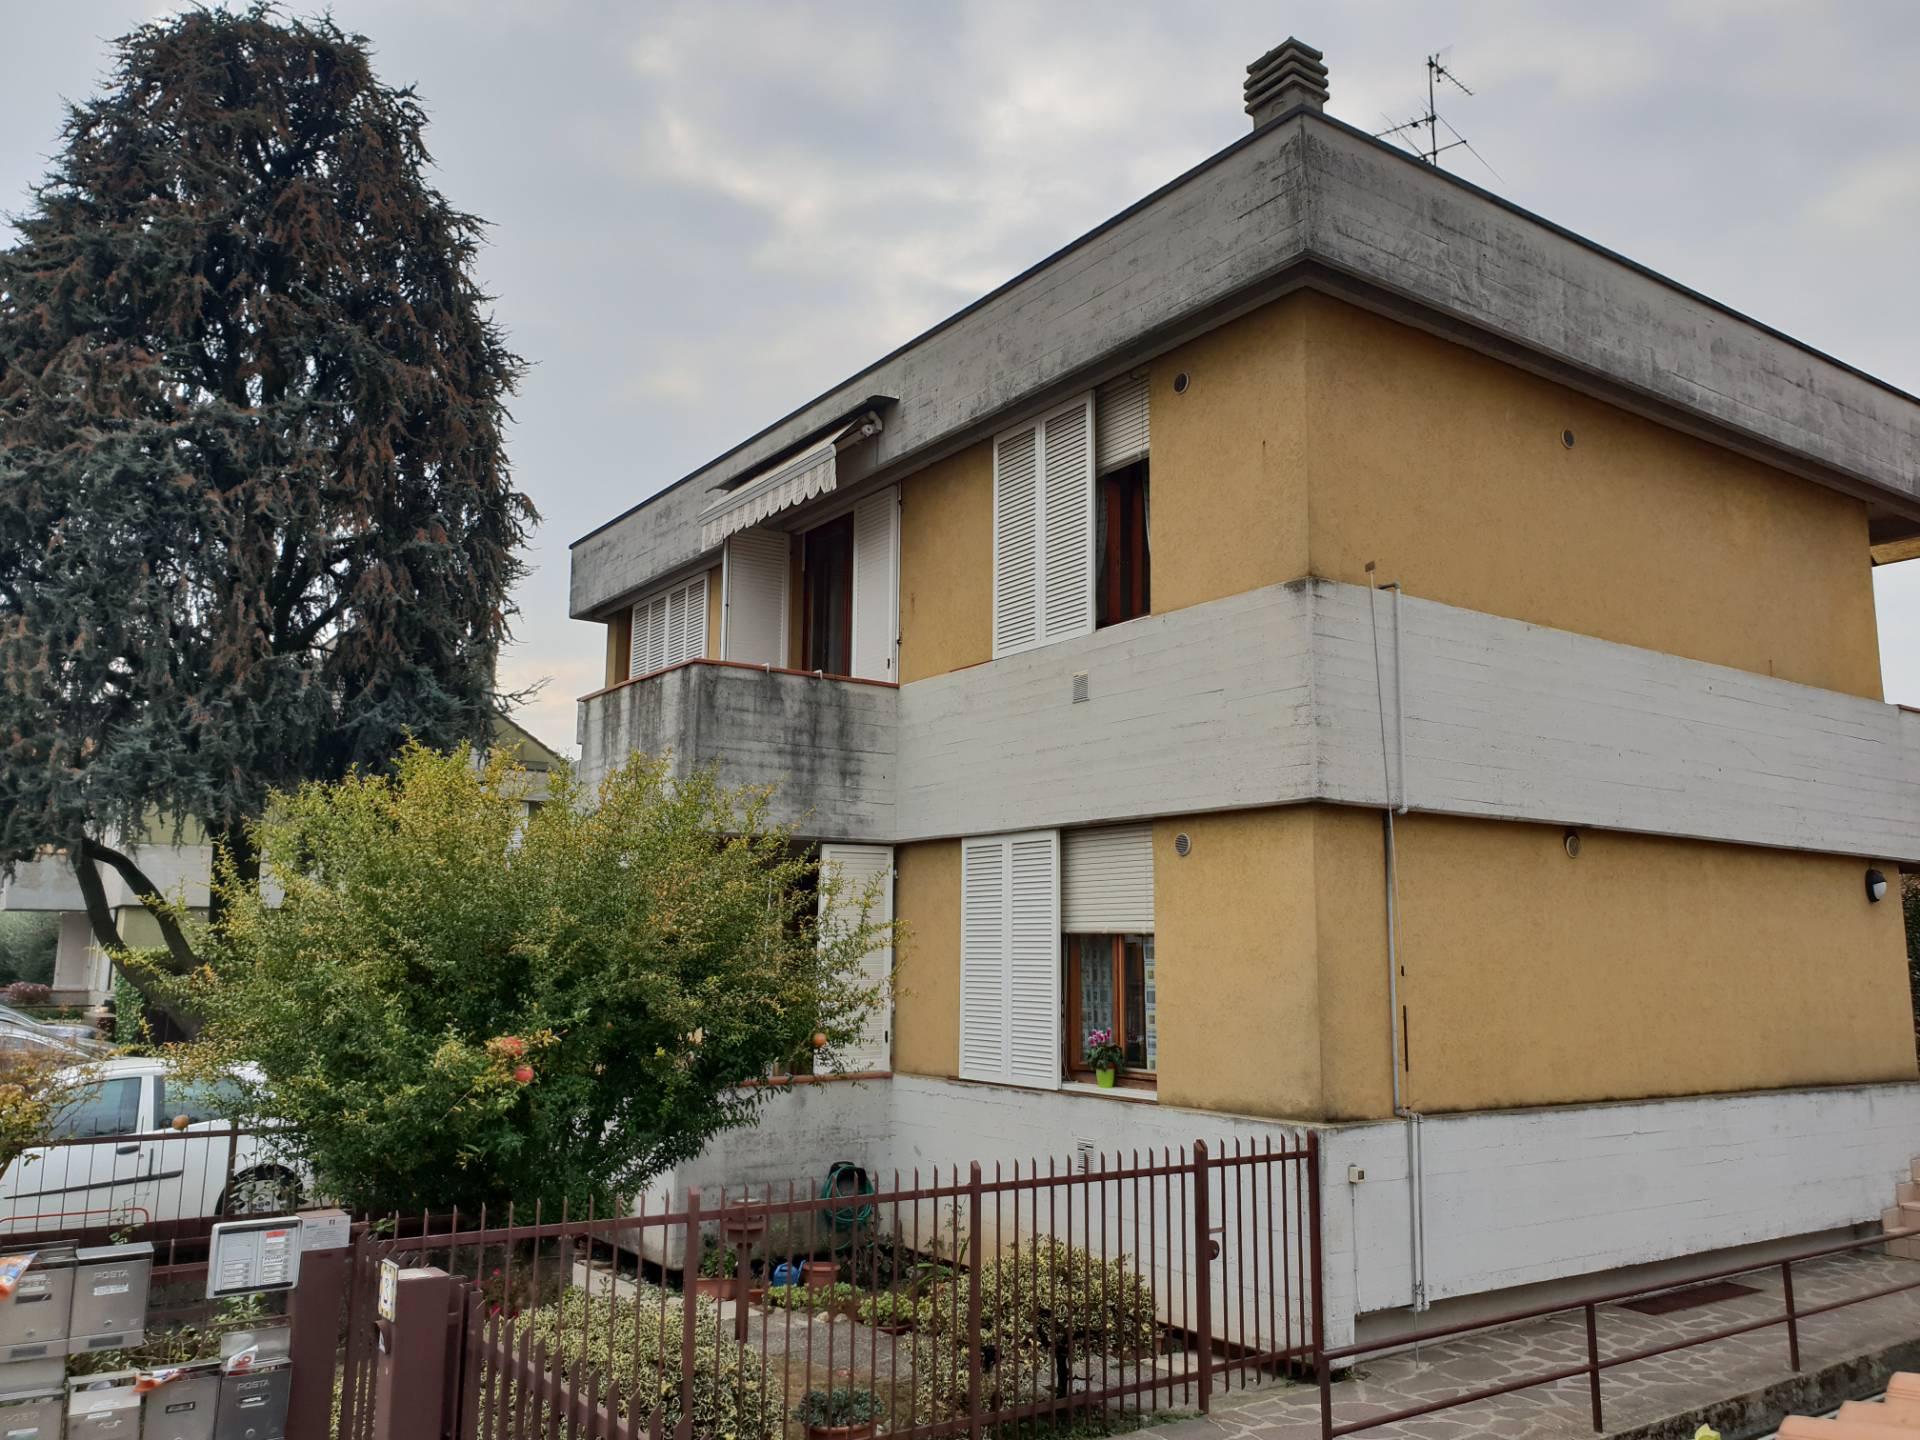 Appartamento in vendita a Palazzolo sull'Oglio, 1 locali, prezzo € 53.000 | PortaleAgenzieImmobiliari.it